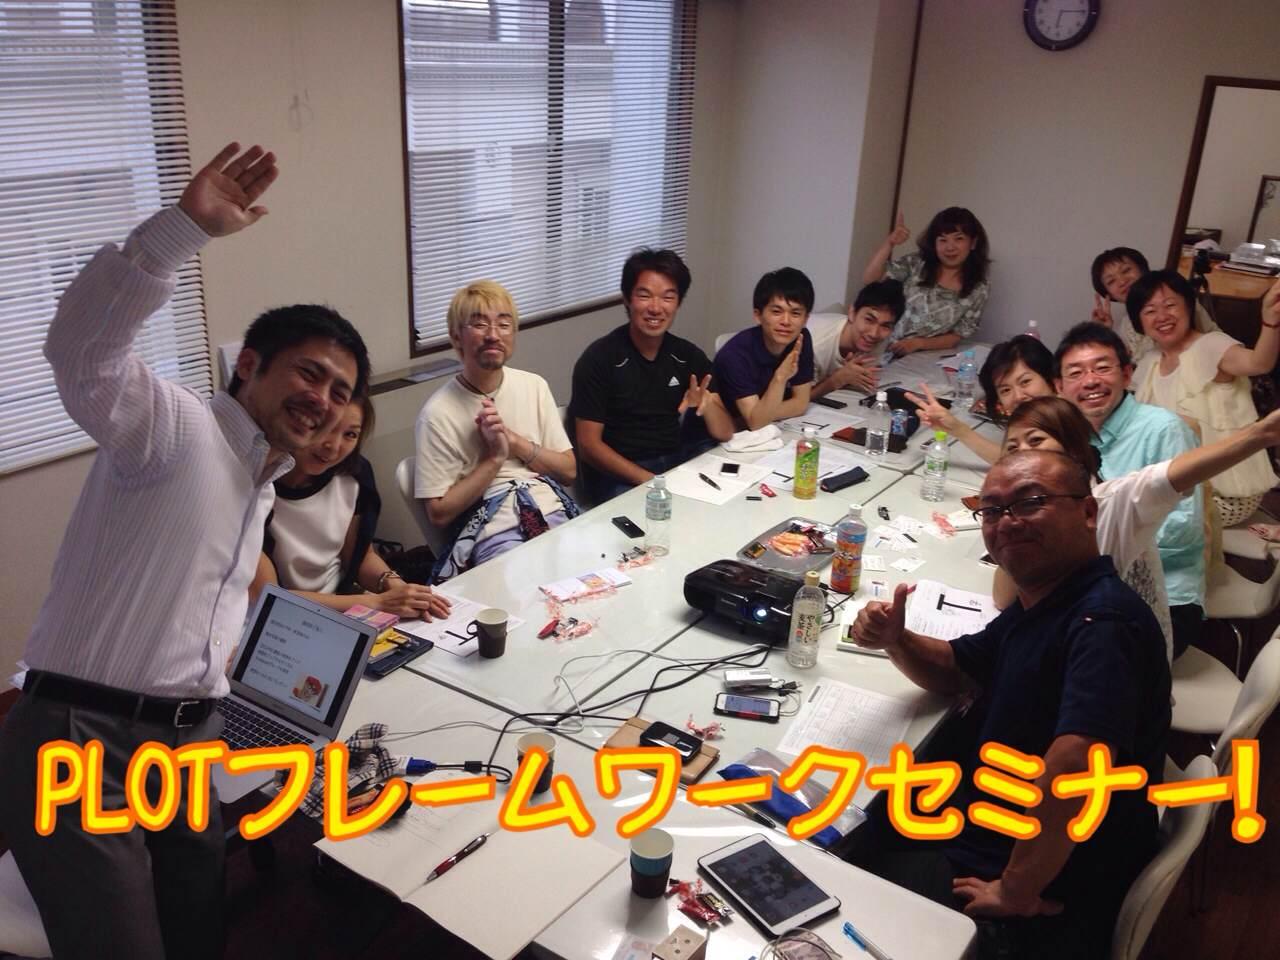 永目憲一郎のPLOTフレームワーク名古屋起業セミナーレポート2014年7月12日